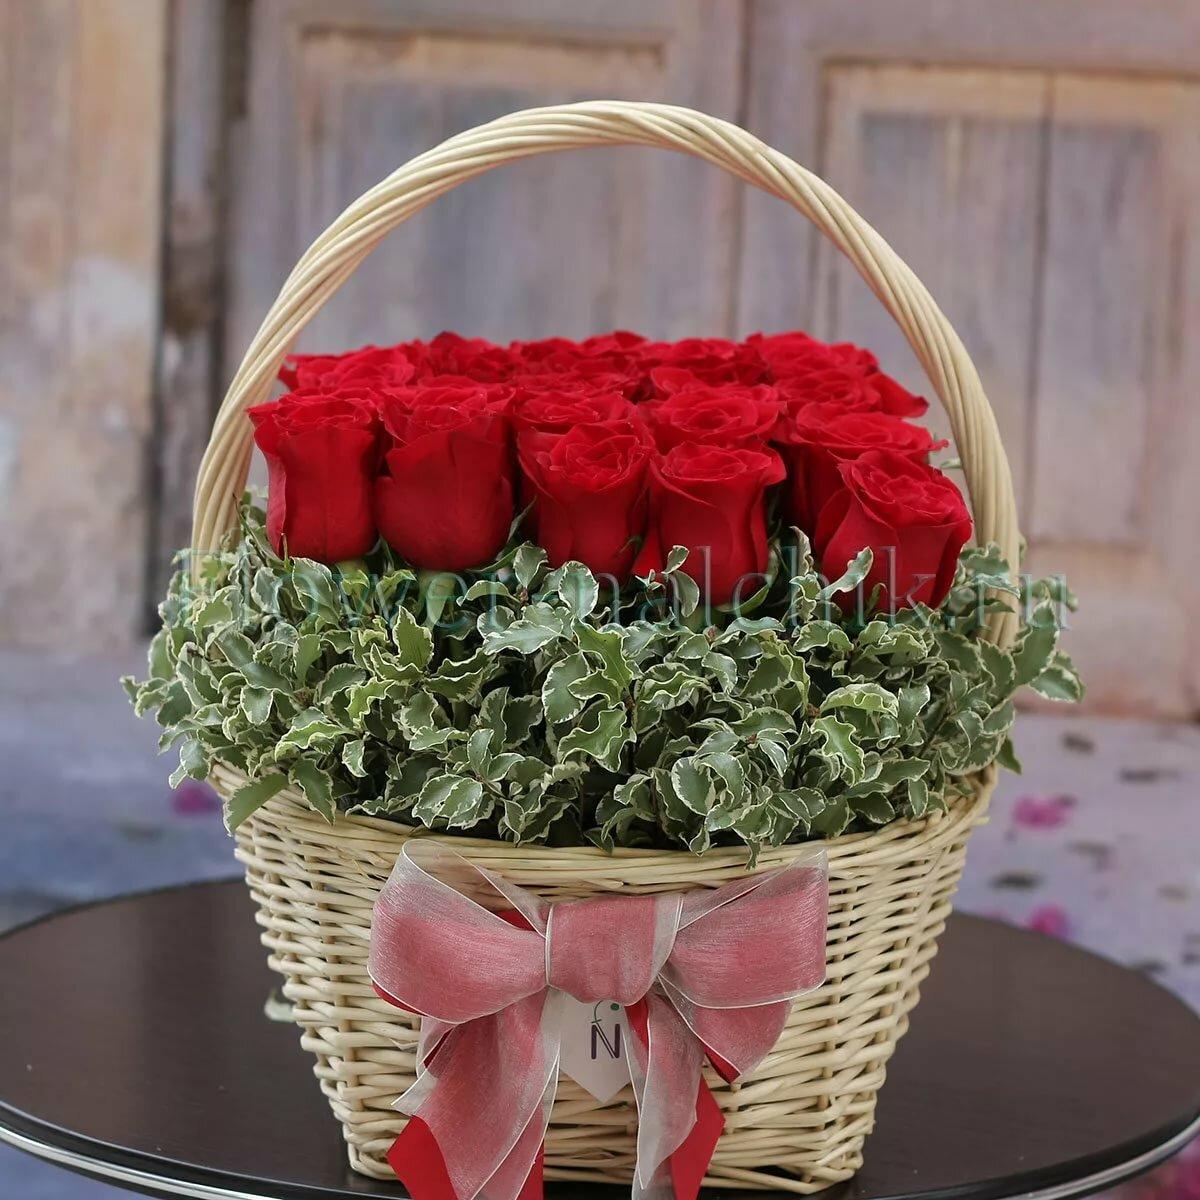 вечно фото красивых букетов роз в корзинах имею честь уведомить